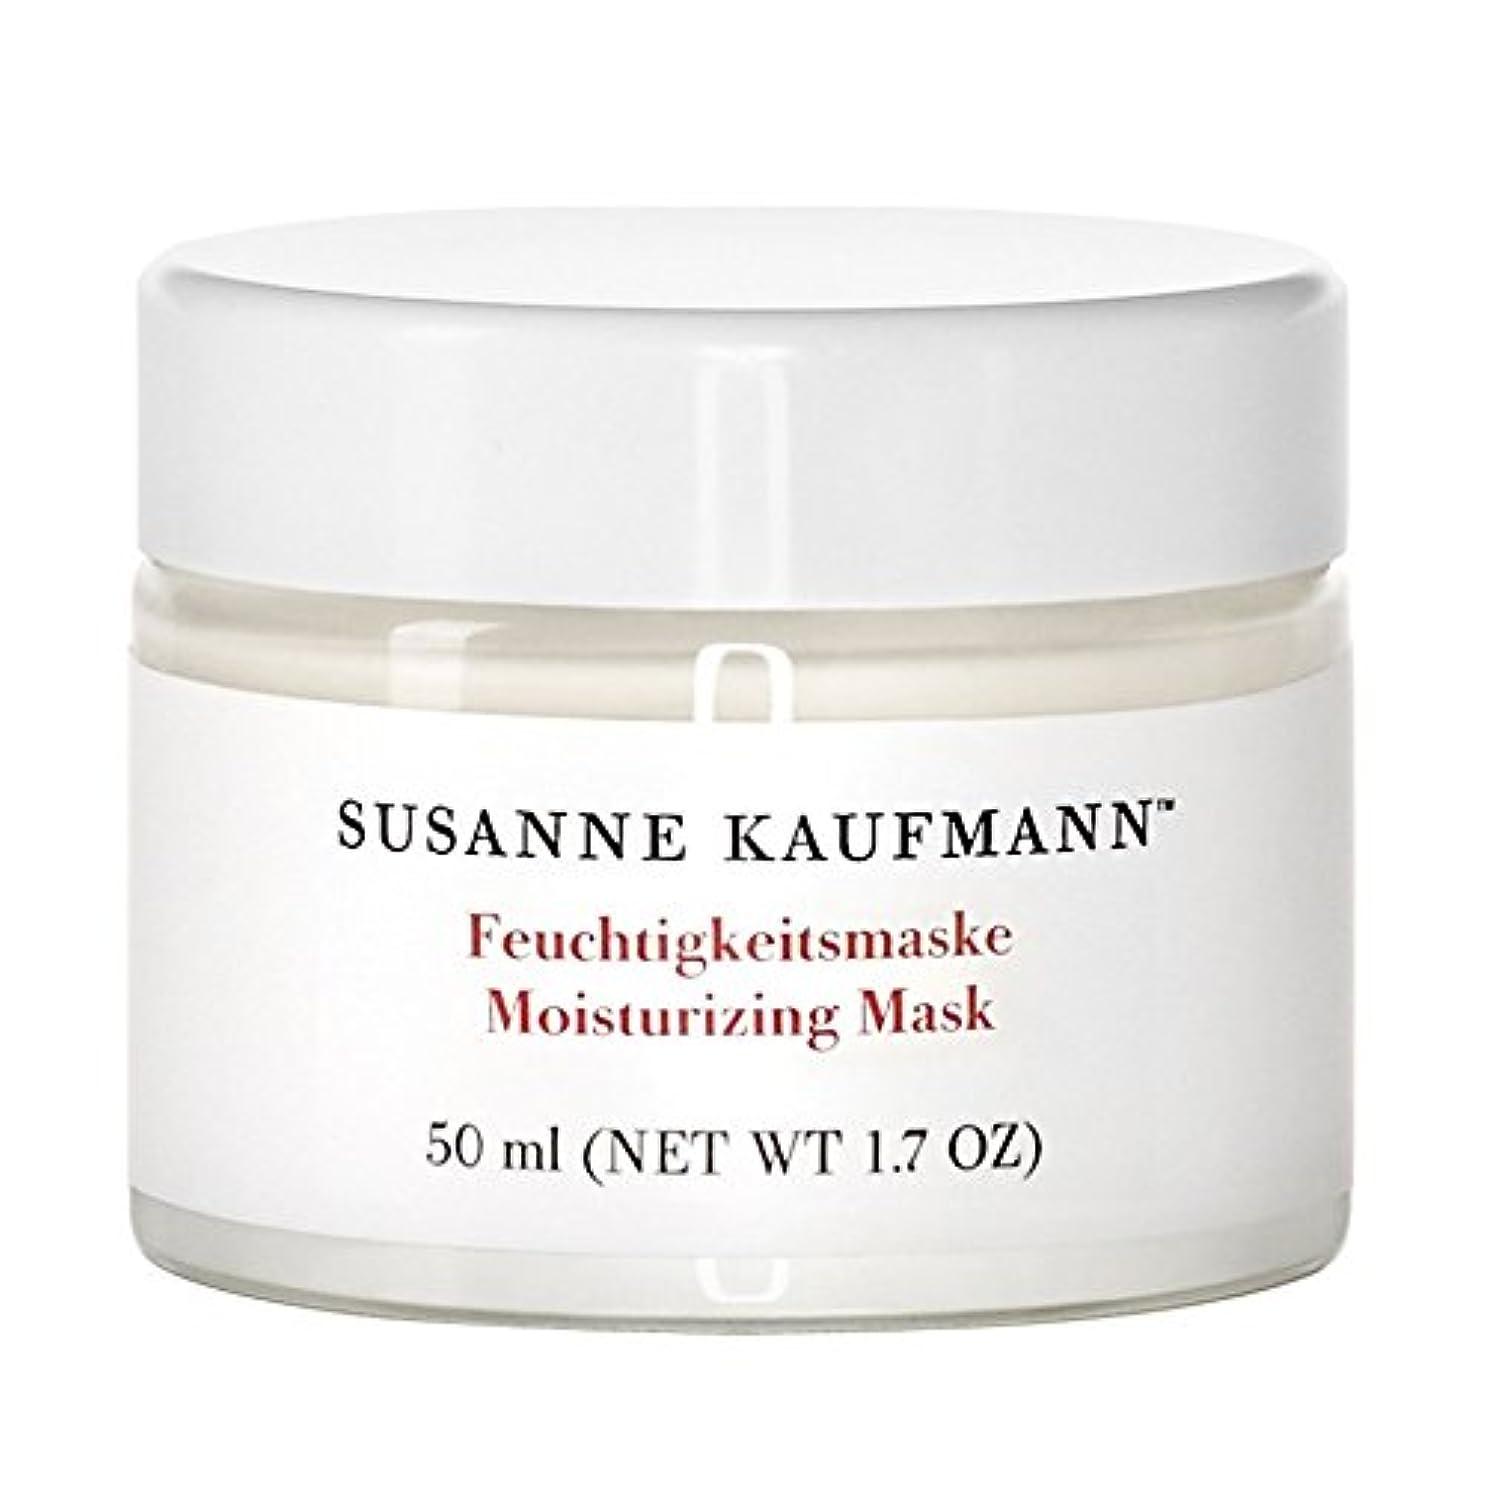 残忍な失礼な配当Susanne Kaufmann Moisturising Mask 50ml - スザンヌカウフマン保湿マスク50ミリリットル [並行輸入品]